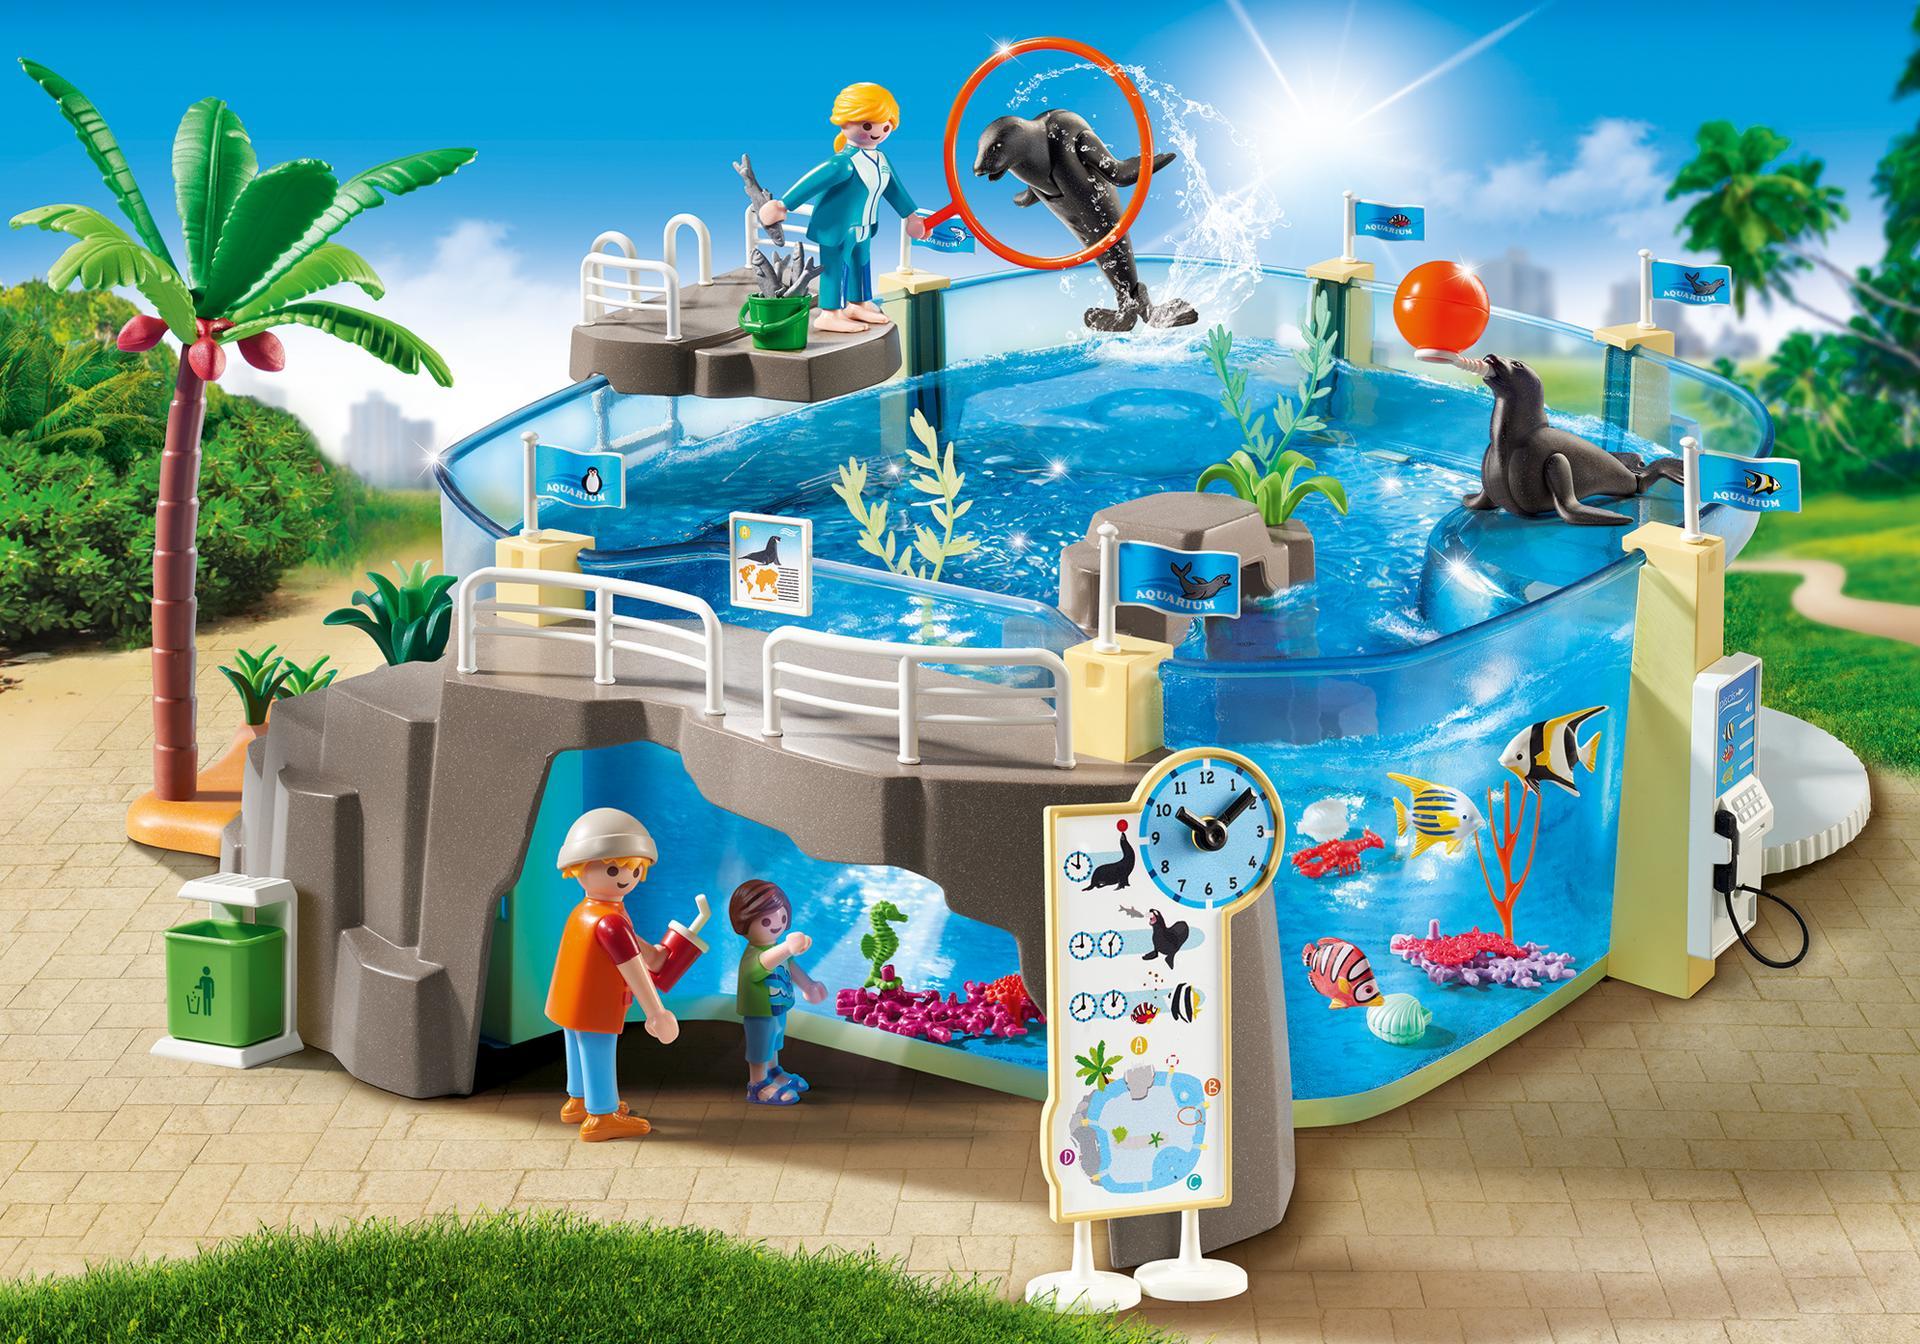 Playmobil Ausmalbilder Kinderklinik : Fein Playmobil Aquapark Ausmalbilder Ideen Malvorlagen Von Tieren